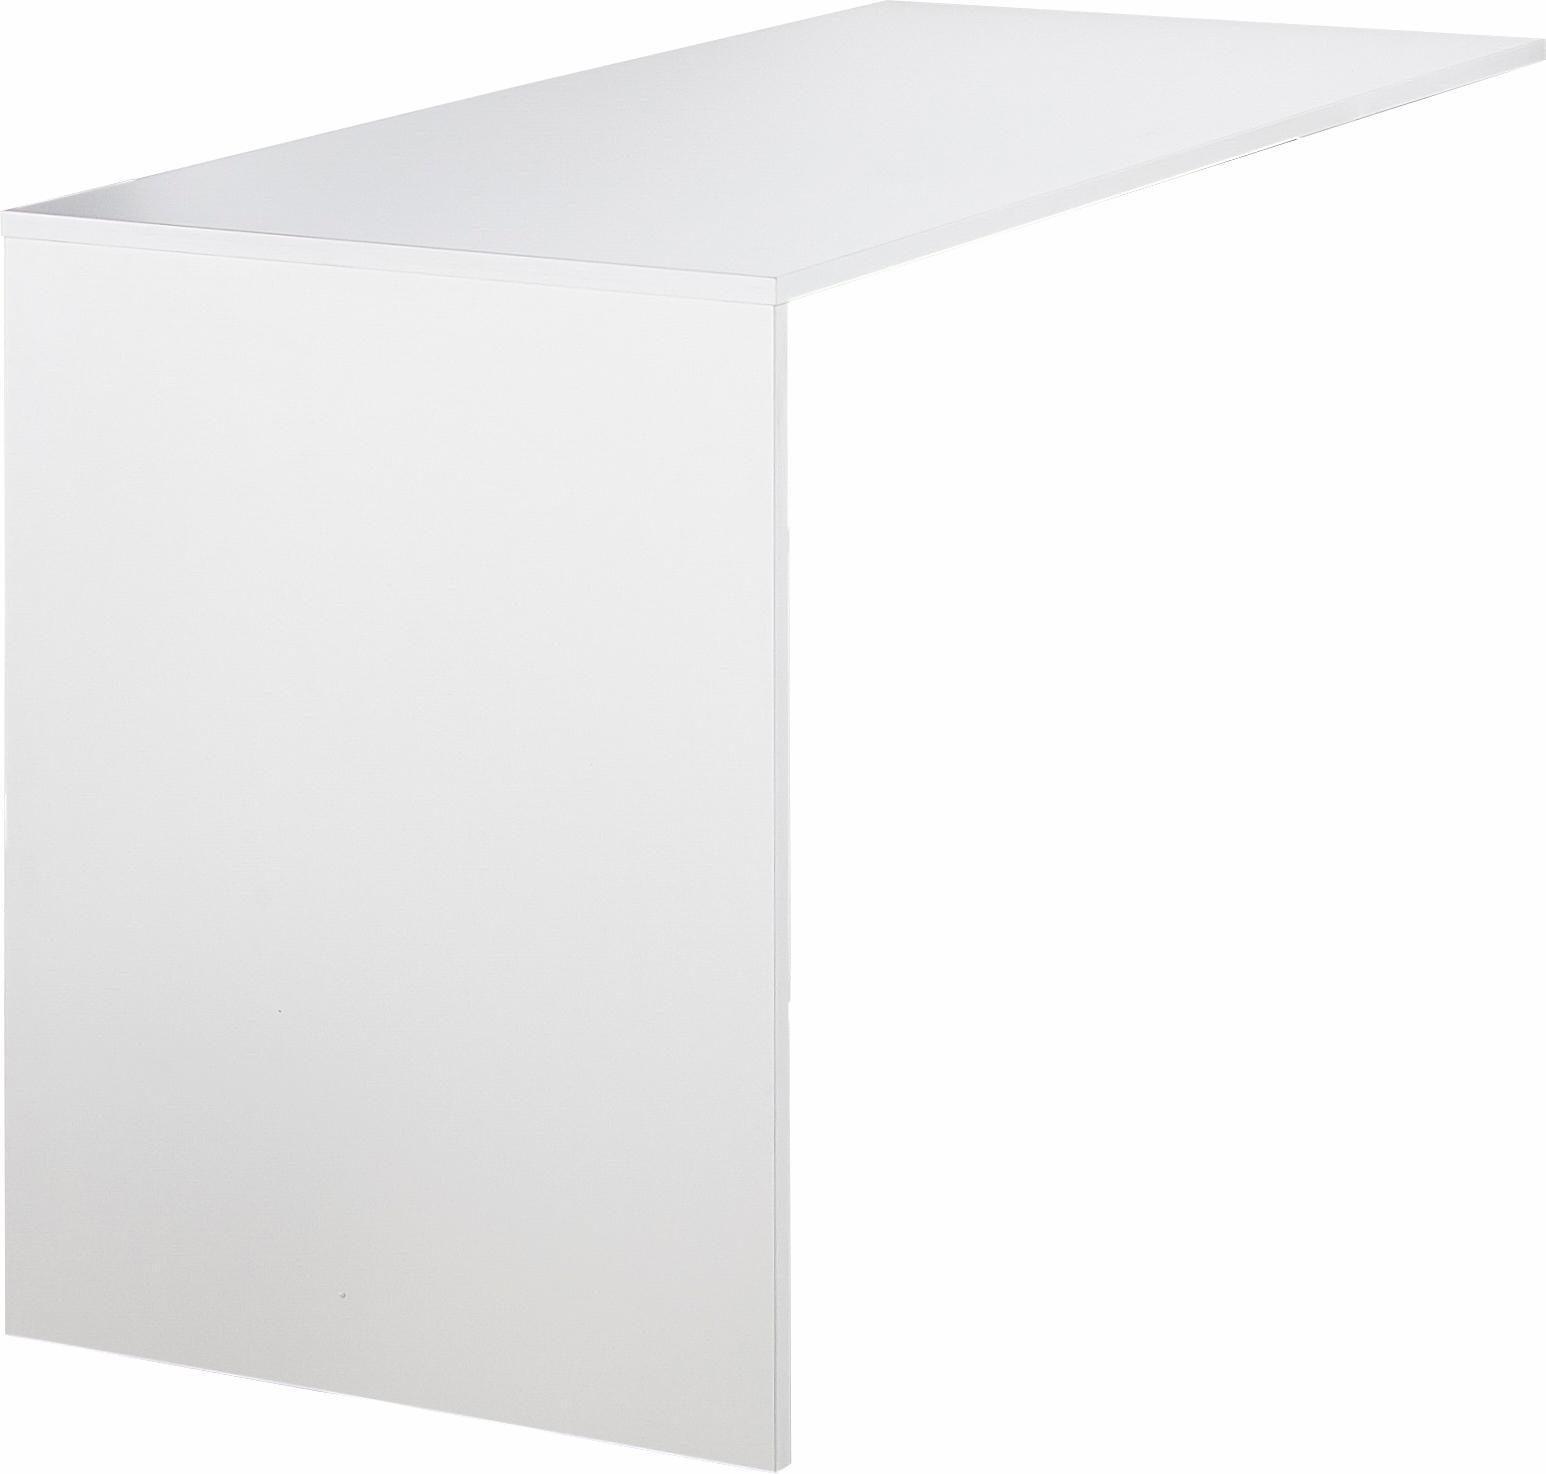 GERMANIA Schreibtisch »Altino«